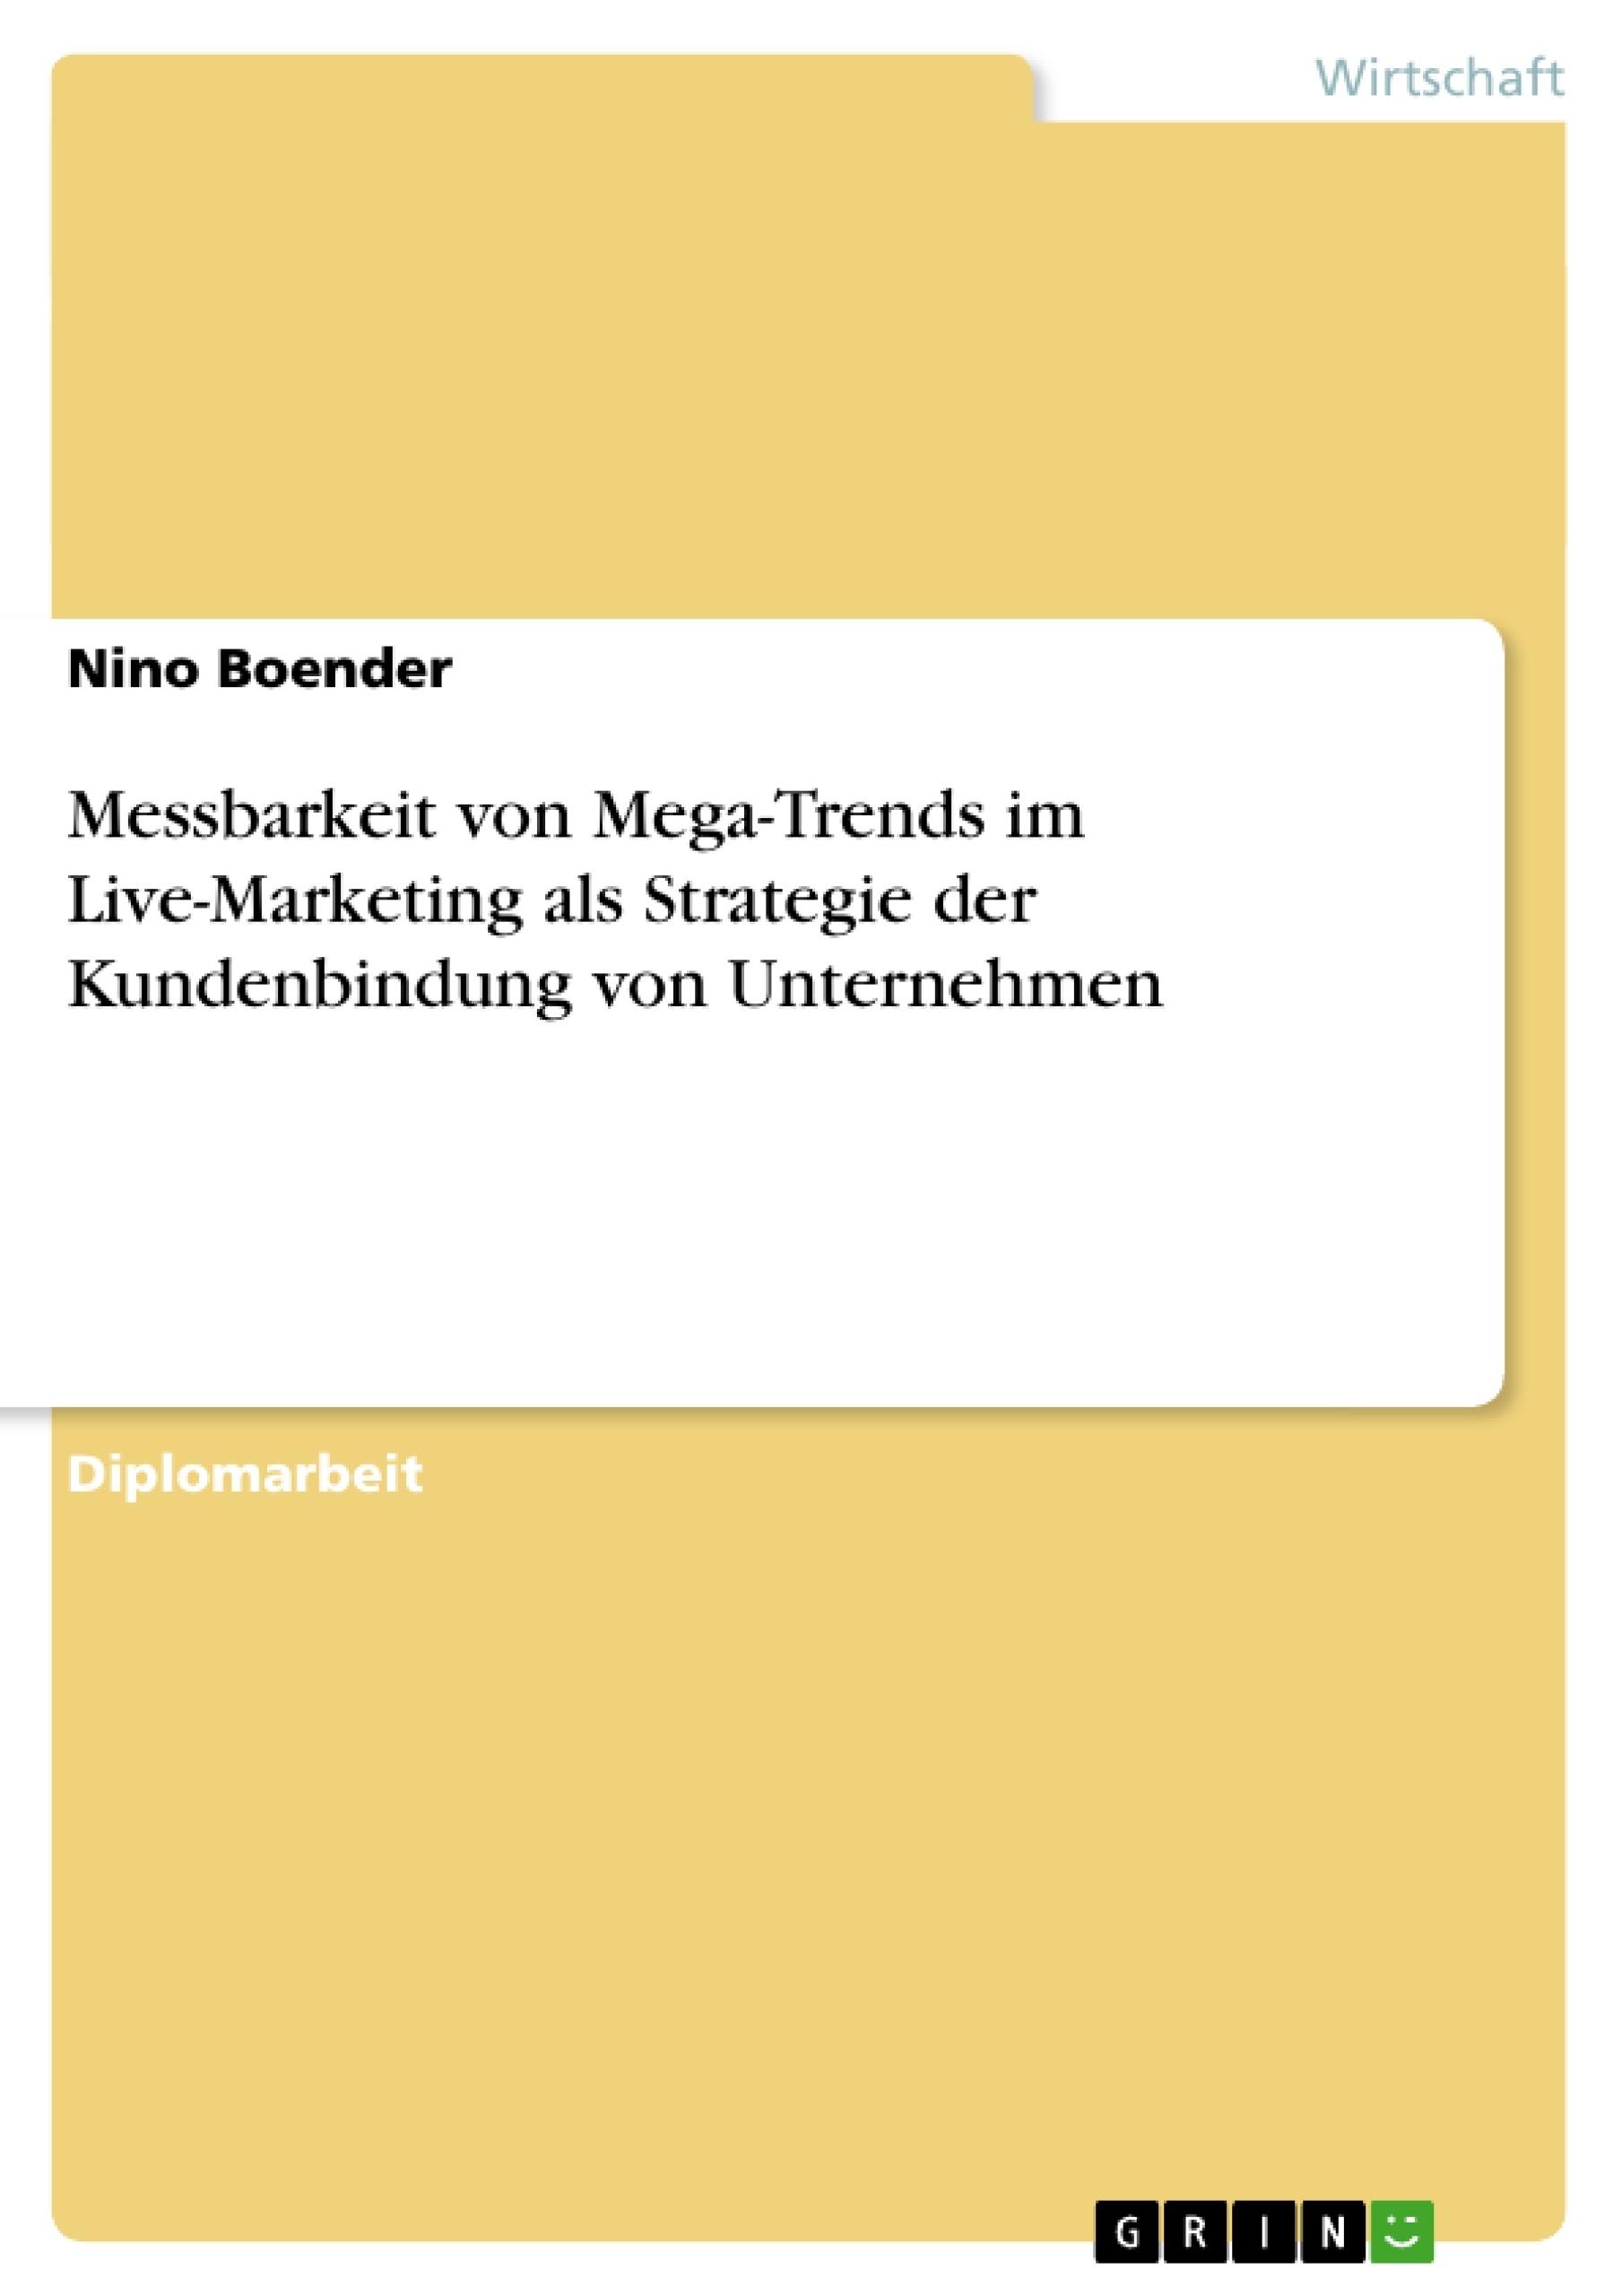 Titel: Messbarkeit von Mega-Trends im Live-Marketing als Strategie der Kundenbindung von Unternehmen